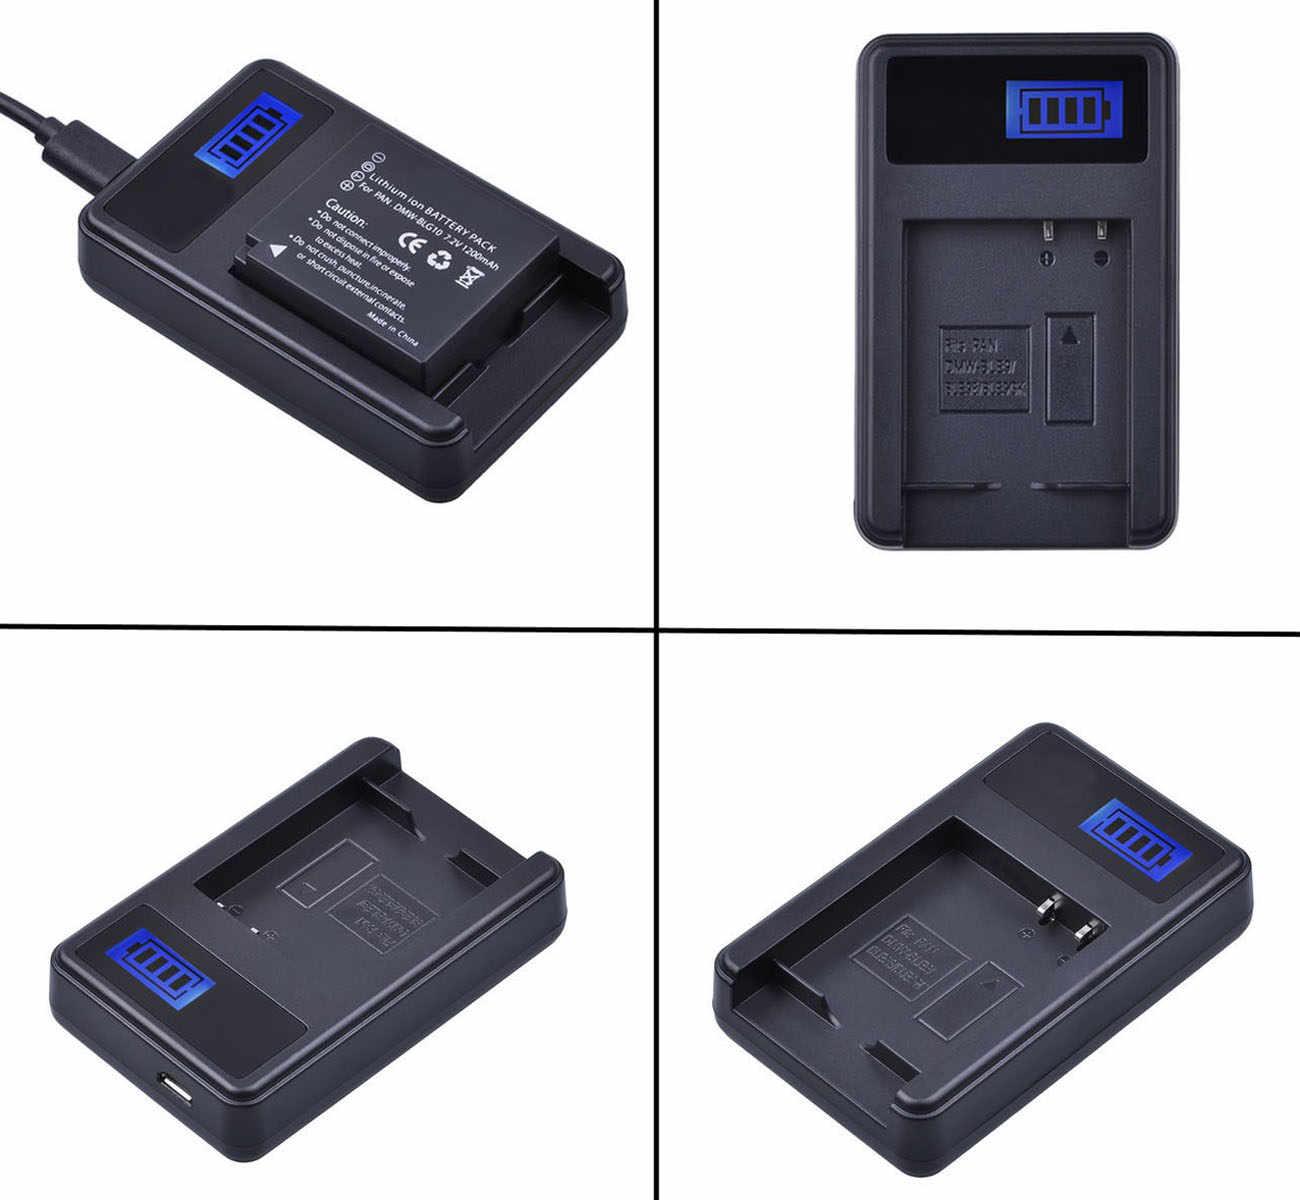 Carregador de bateria para Panasonic Lumix DMC-GM1, DMC-GM5, DMC-GX7, DMC-GX80, DMC-GX85, DC-GX800, DC-GX850, DC-GX9 Câmera Digital